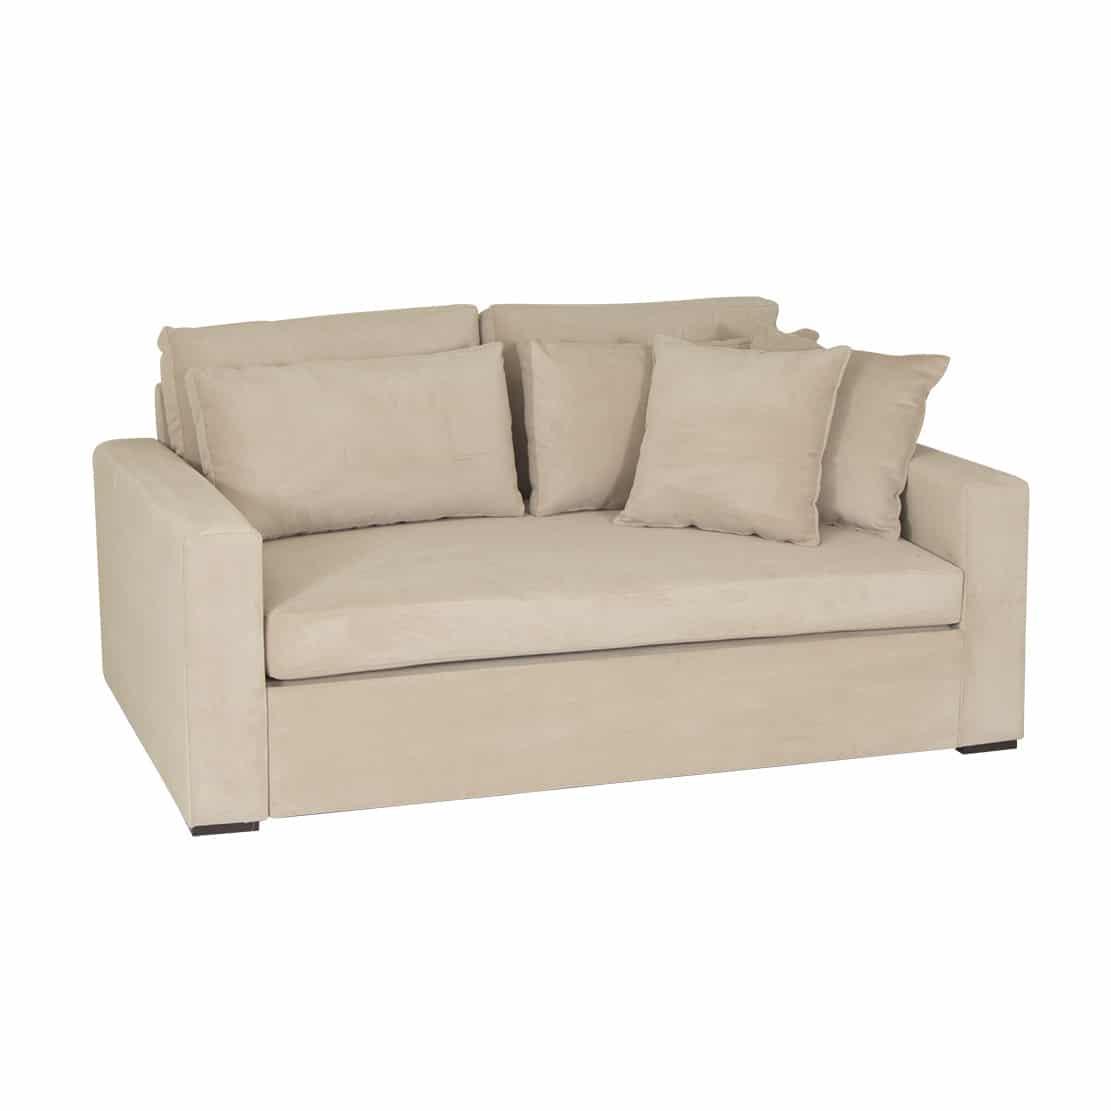 Sofa-cama-sonno2